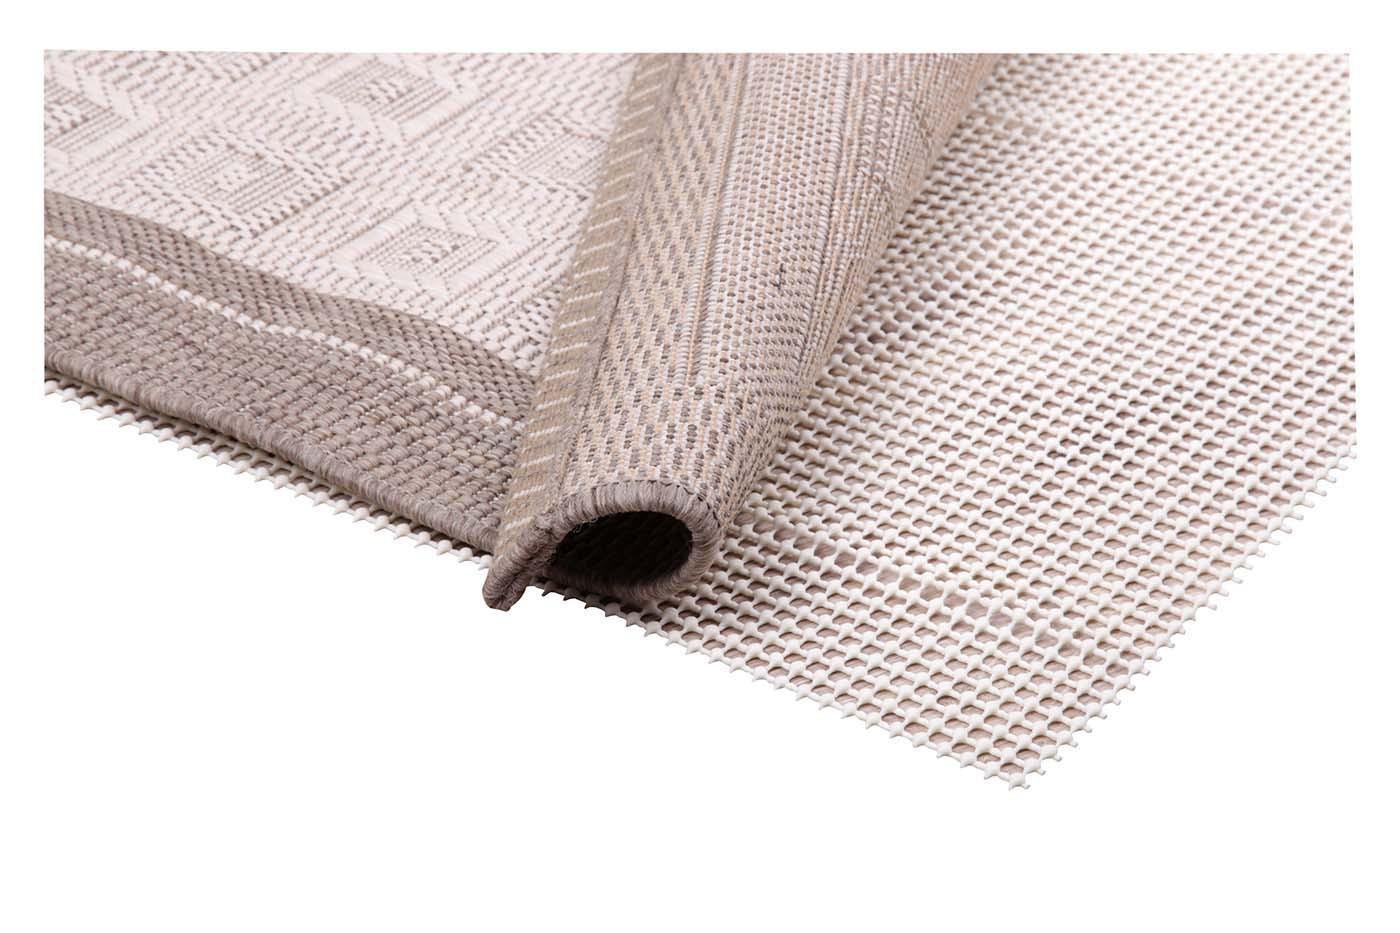 teppich gleitschutz antirutsch zuschneiden rutschschutz rutschfest sicherheitsunterlage. Black Bedroom Furniture Sets. Home Design Ideas